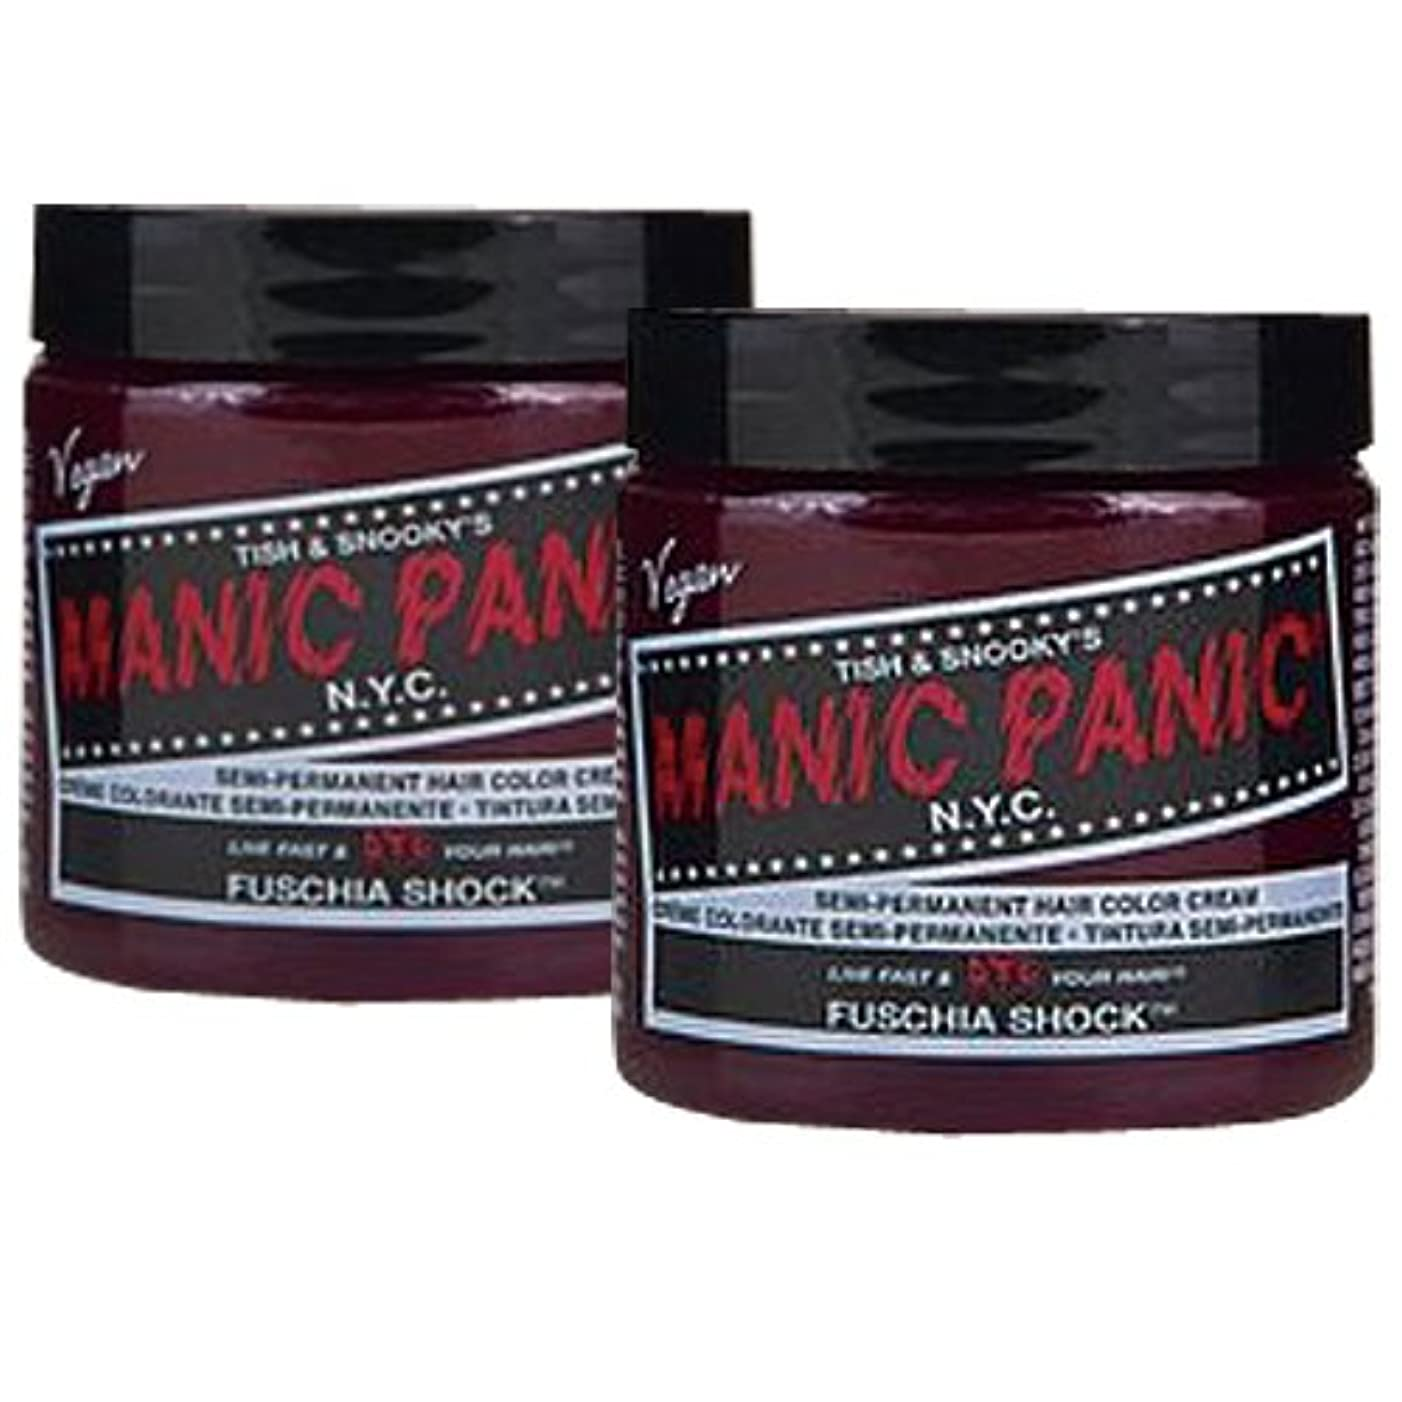 また明日ね触手つかいます【2個セット】MANIC PANIC マニックパニック Fuschia Shock フューシャショック 118m